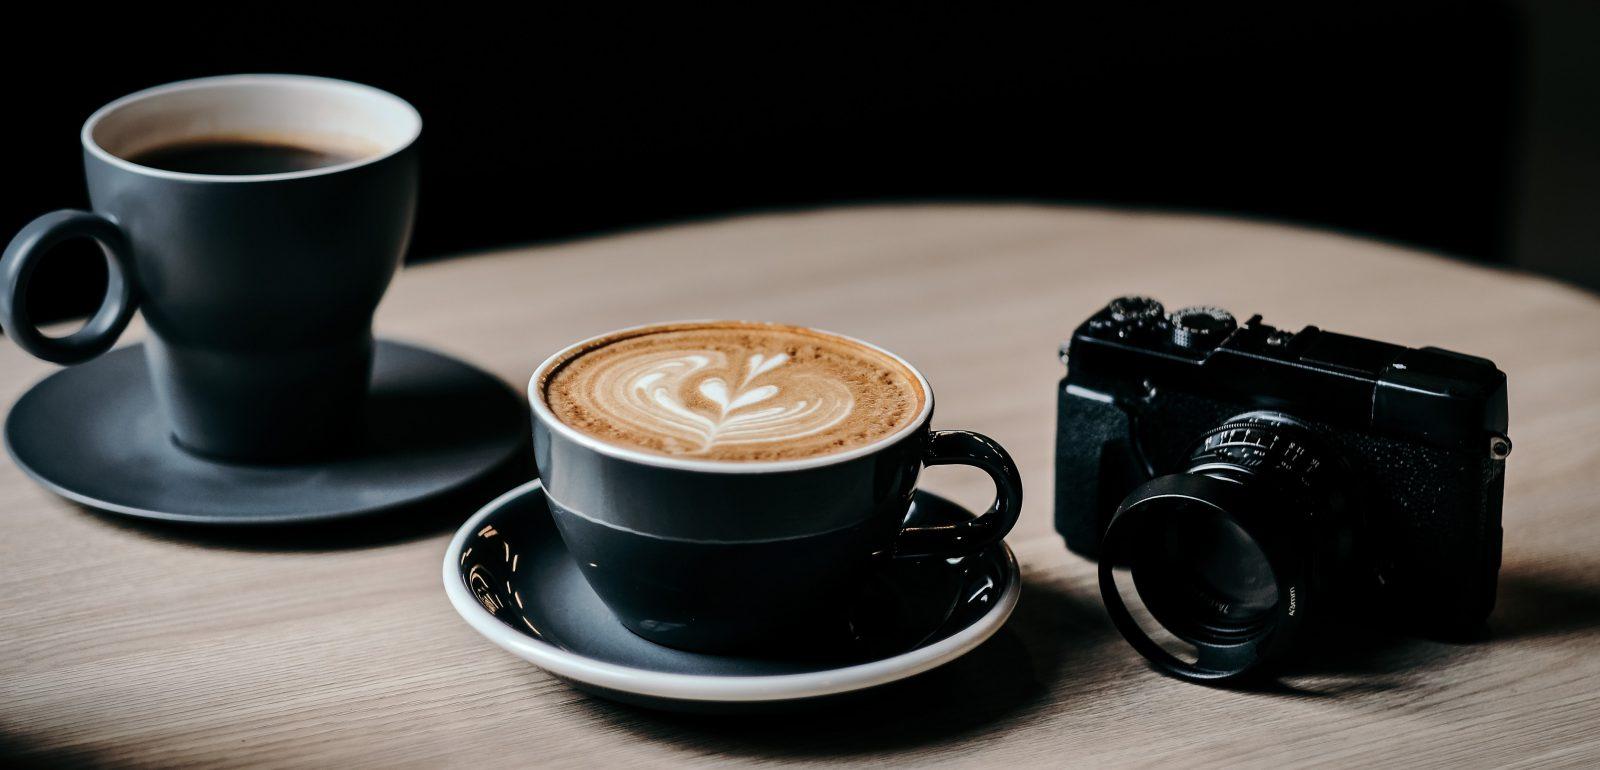 konsultacja-foto, konsultacja-fotograficzna, fotograf, porada-foto, fotograf Bydgoszcz,